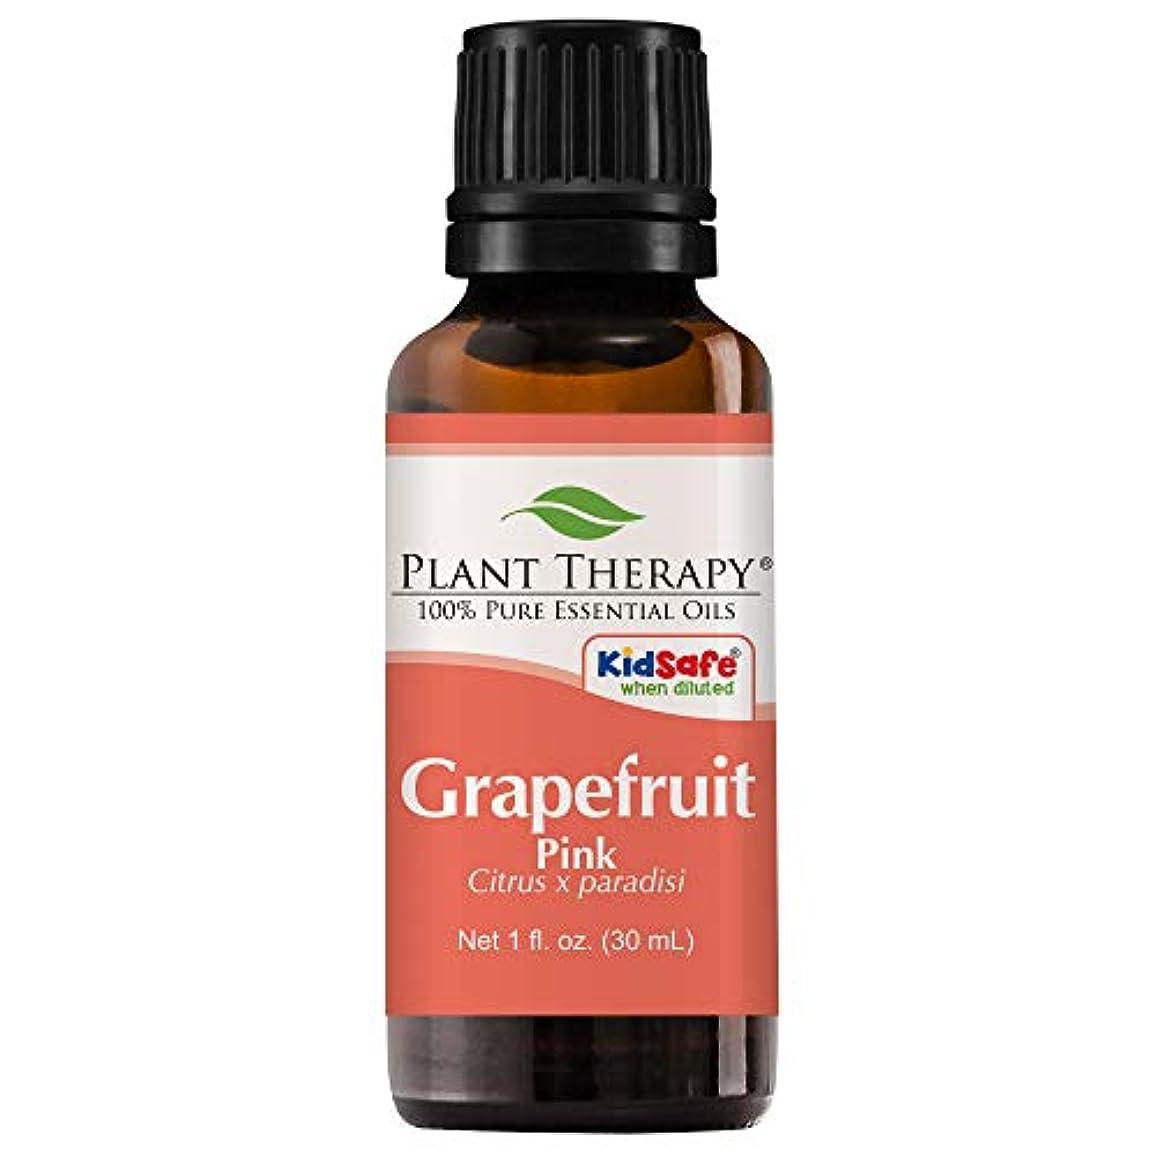 蜜概して広げる植物セラピーグレープフルーツ(ピンク)エッセンシャルオイル。 100%ピュア、希釈していない、治療グレード。 30ミリリットル(1オンス)